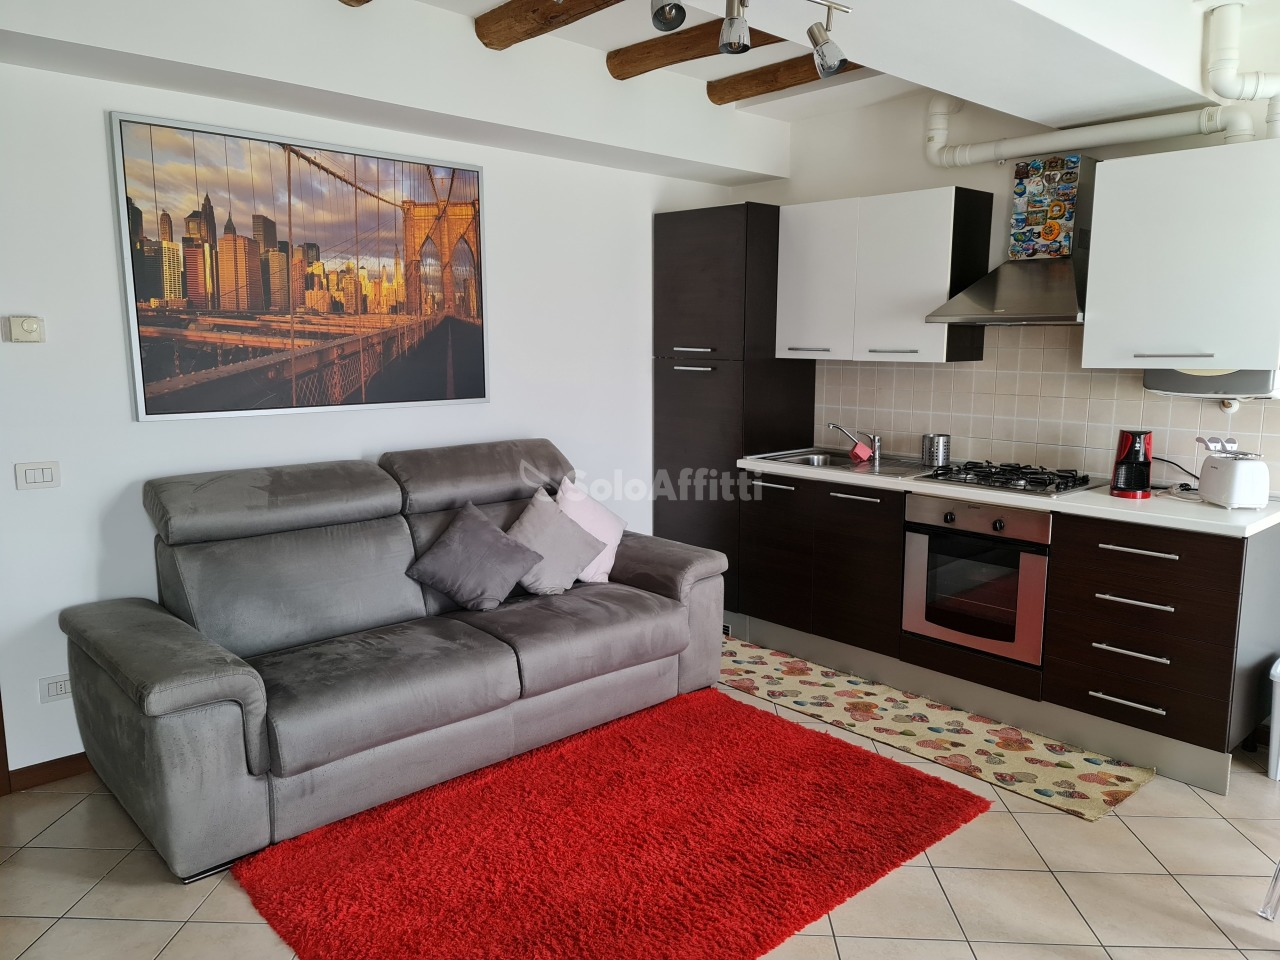 Appartamento in affitto a Gerenzano, 1 locali, prezzo € 400 | PortaleAgenzieImmobiliari.it